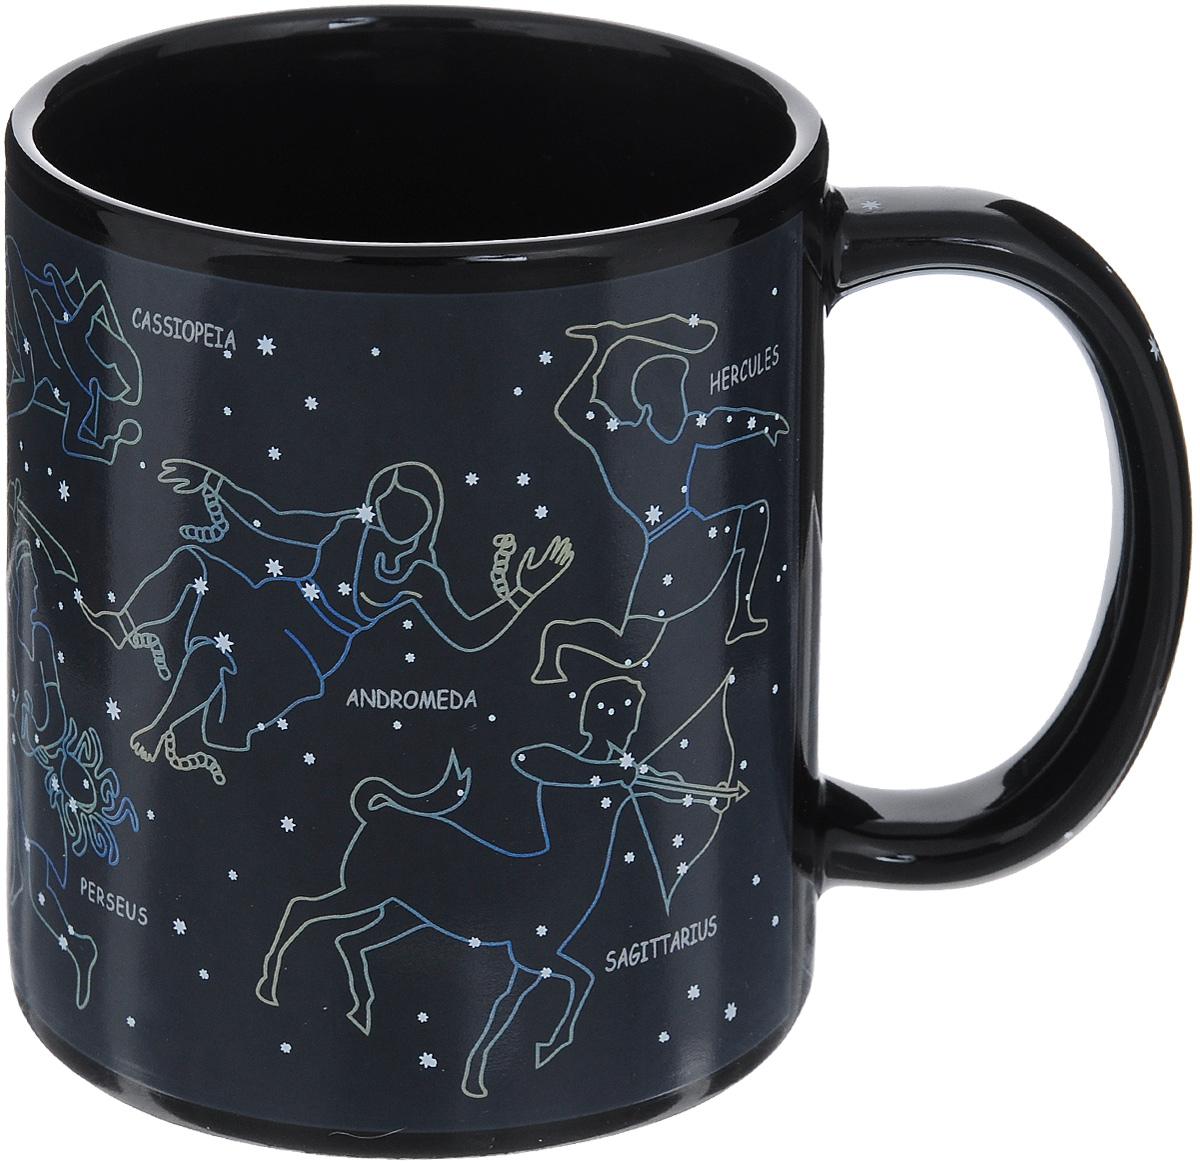 Кружка-хамелеон Эврика Разогрей звезду, 300 млWS 7064Кружка-хамелеон Эврика Разогрей звезду выполнена из высококачественной керамики. Рисунок на стенках состоит из множества светлых звездочек, сияющих в ночном небе. Но стоит налить в кружку горячий напиток, и между точками проявятся невидимые доселе нити, превращающие их в знаменитые созвездия. Рядом с каждым созвездием написано его латинское название. Такой подарок станет не только приятным, но и практичным сувениром: кружка станет незаменимым атрибутом чаепития, а оригинальный дизайн вызовет улыбку.Высота кружки: 9,5 см.Диаметр (без учета ручки): 8 см.